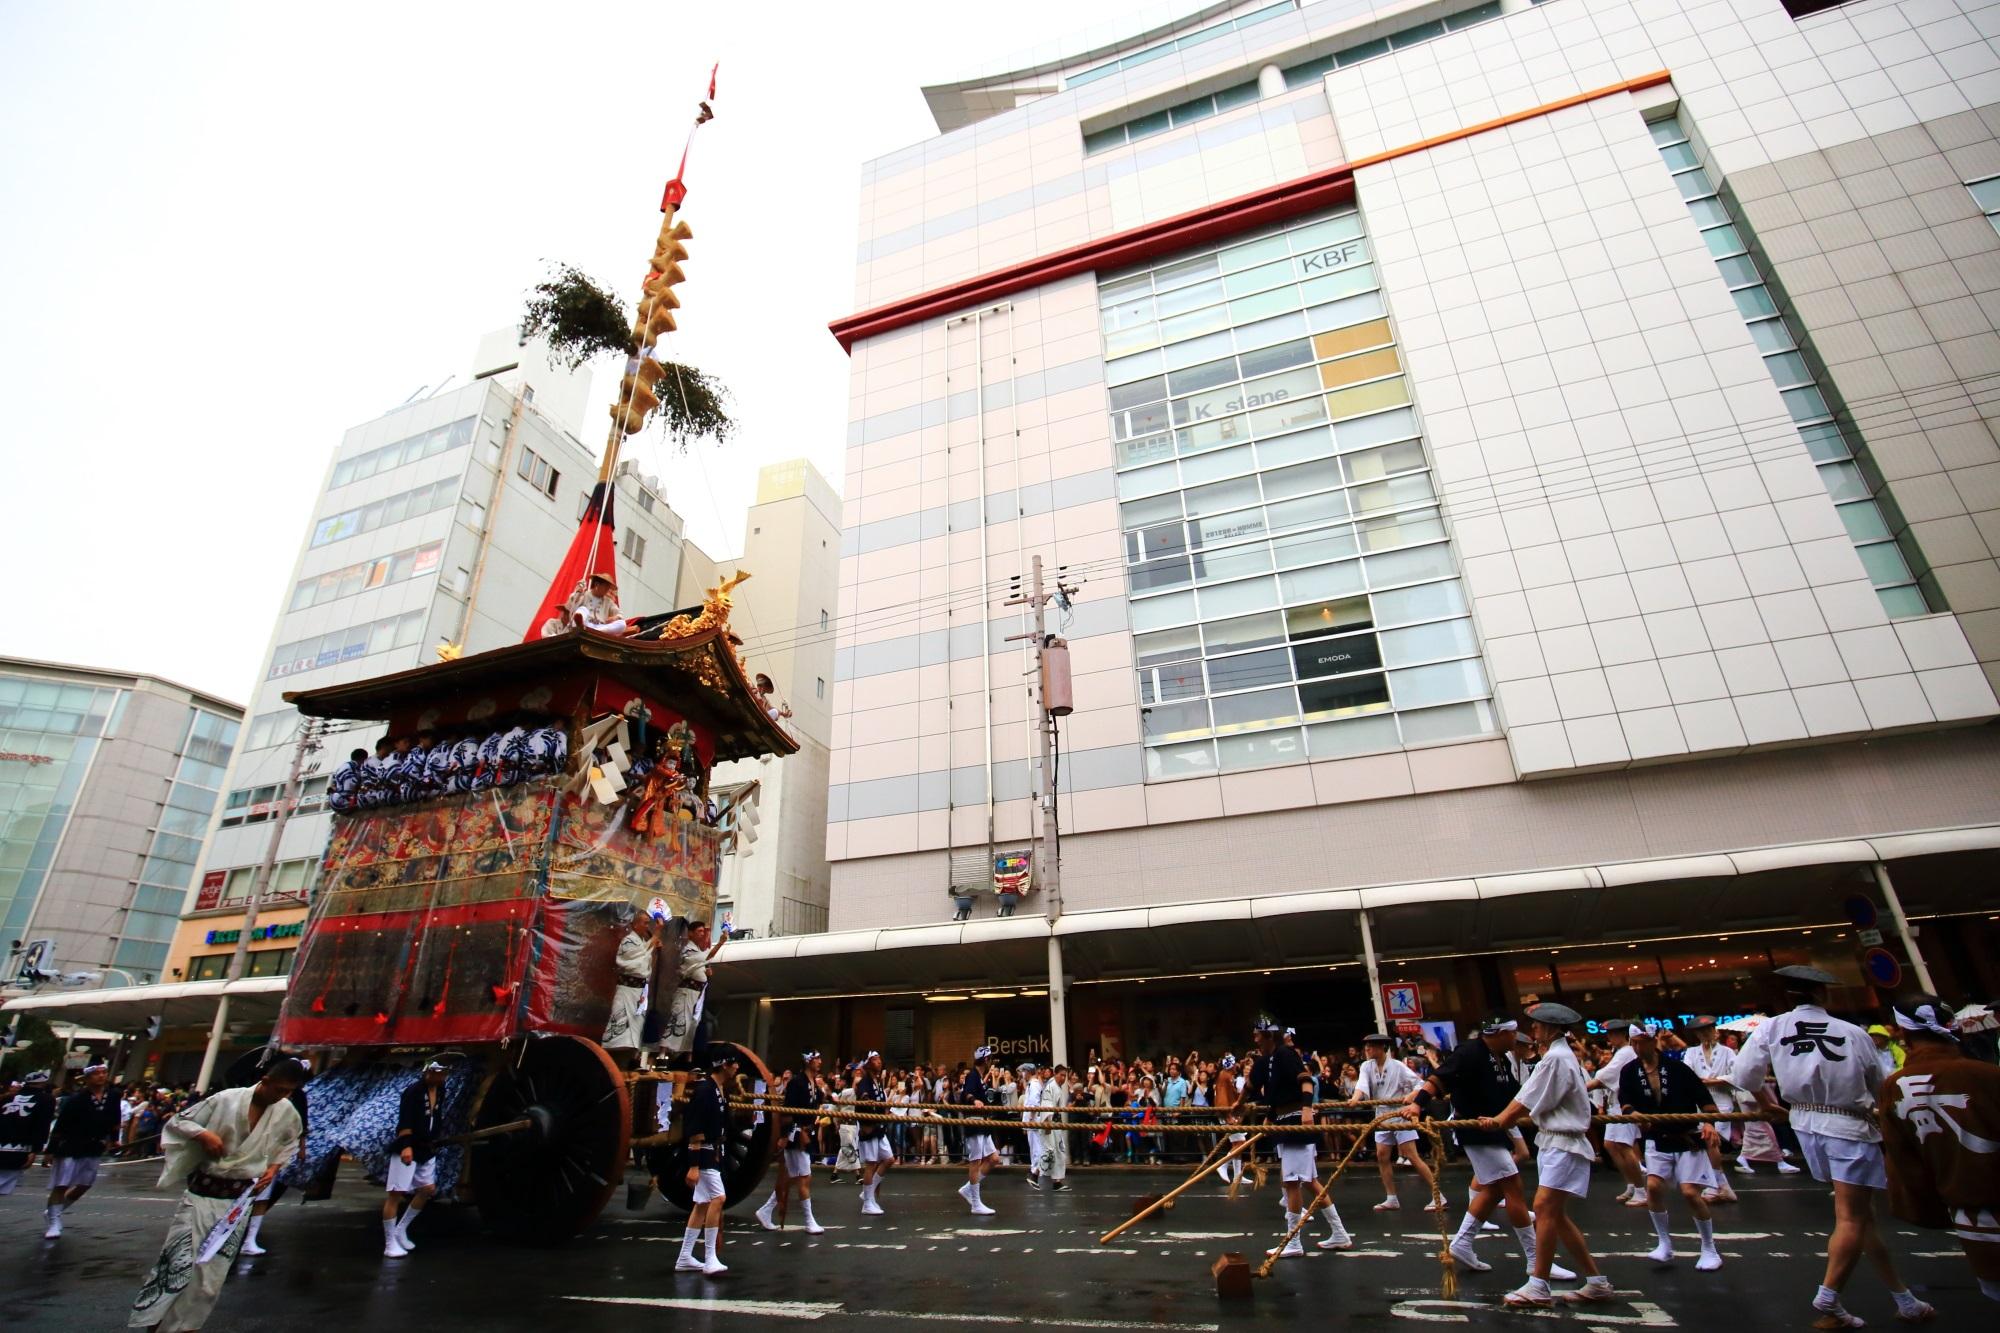 祇園祭山鉾巡行の長刀鉾(なぎなたほこ)